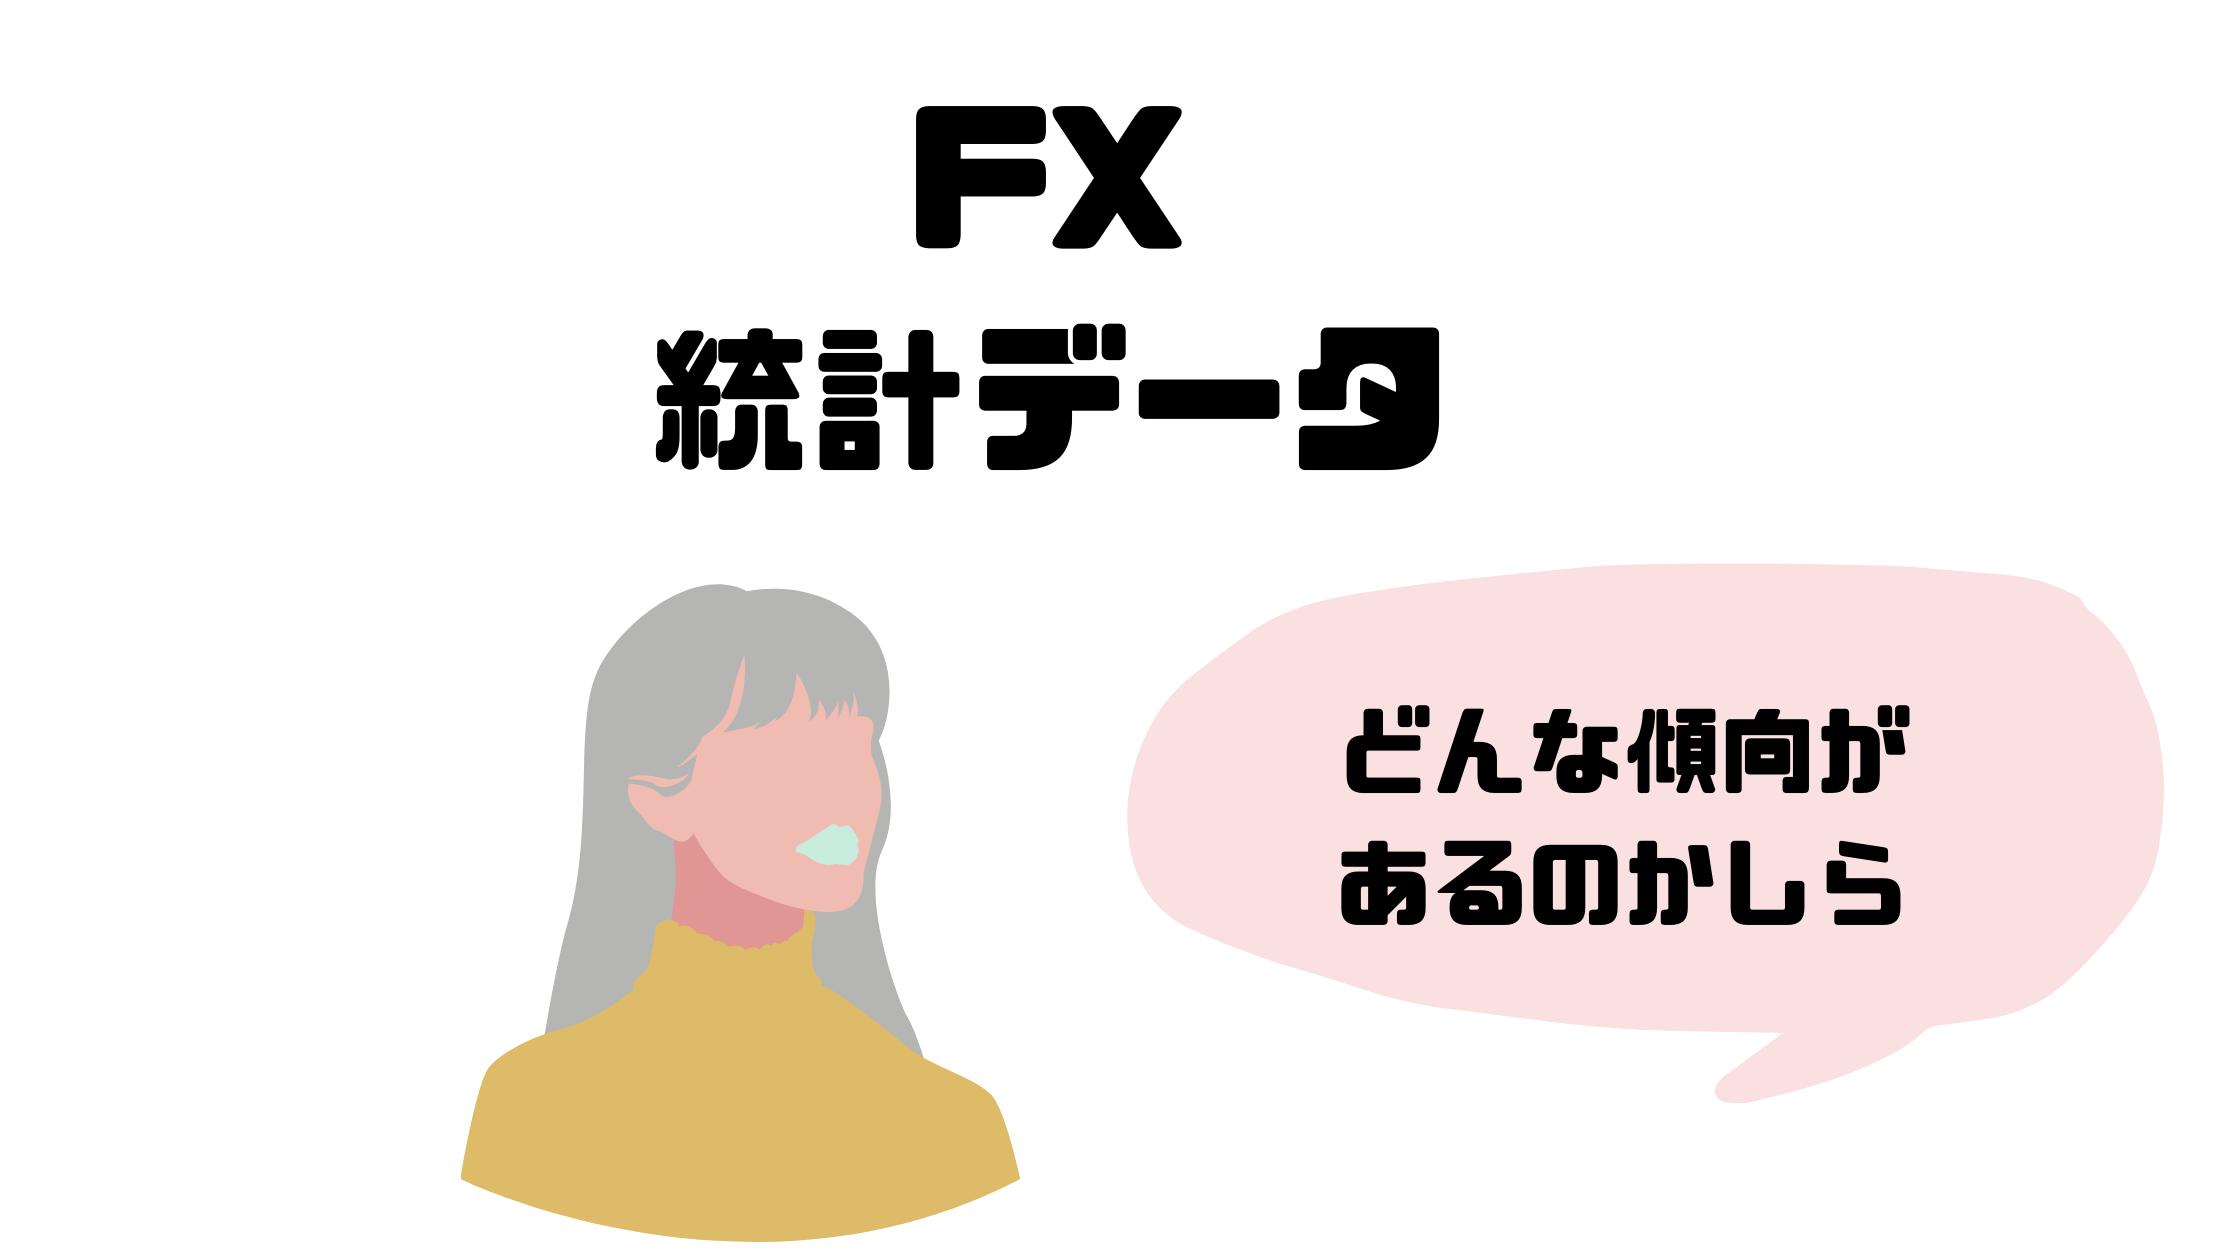 FX_副業_データ